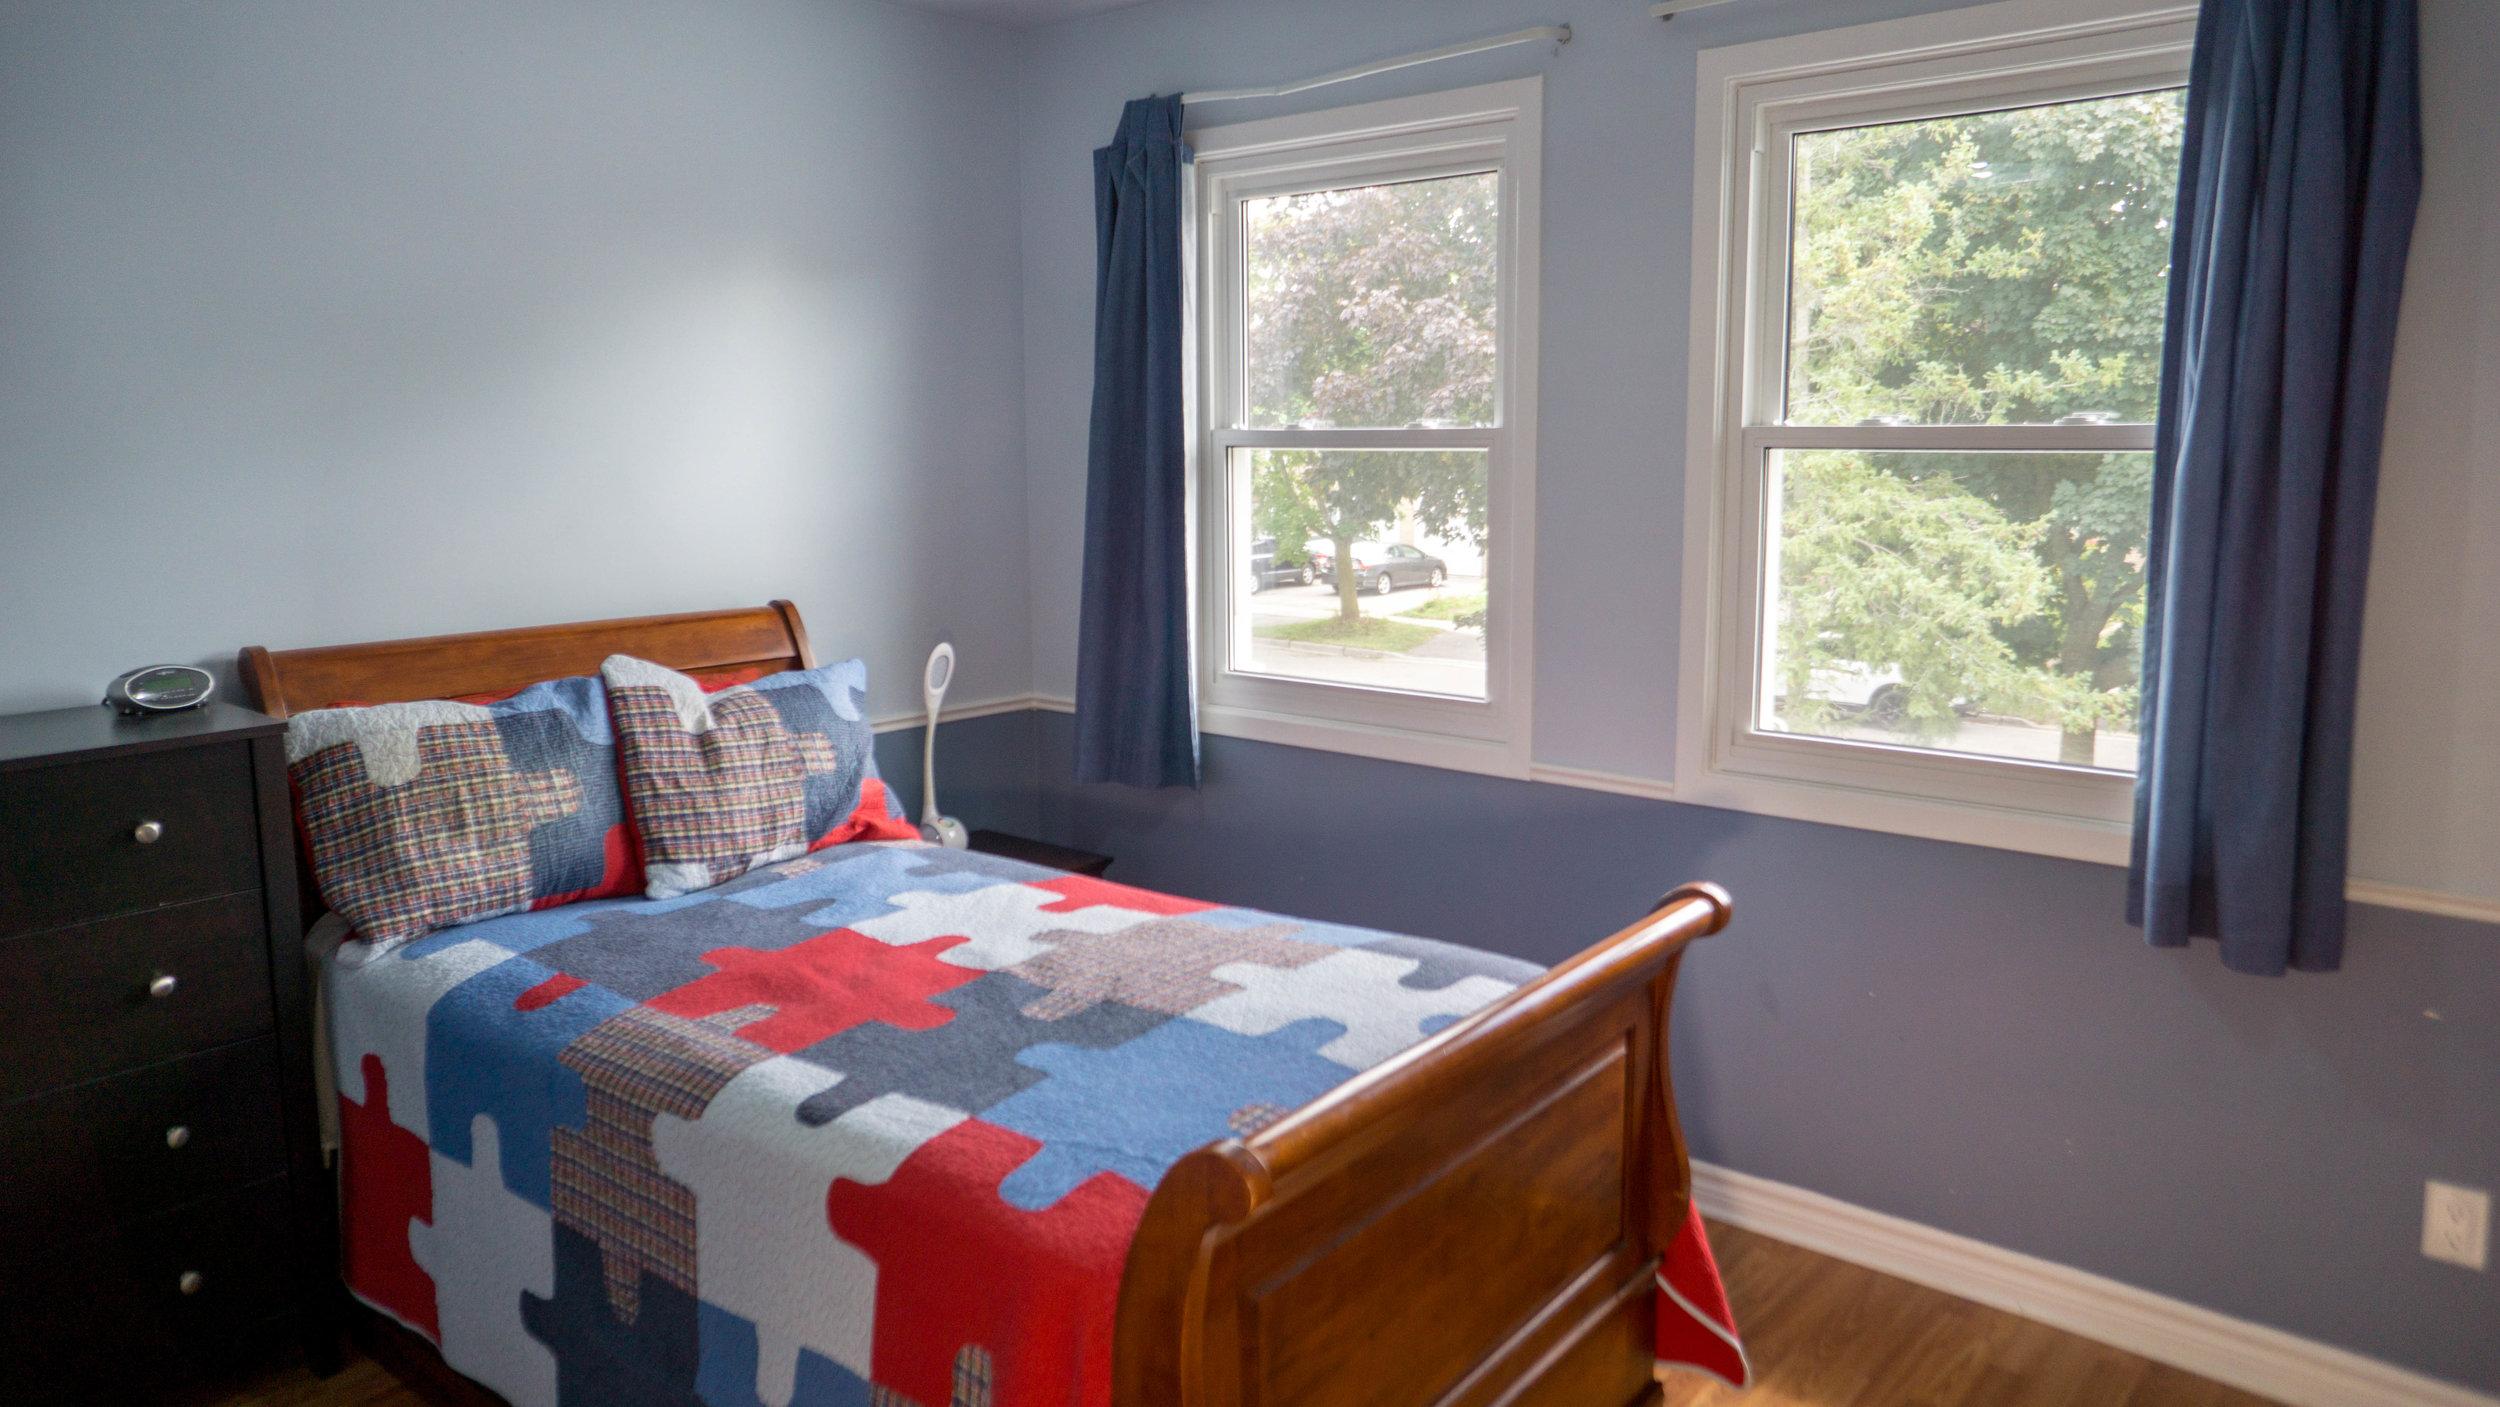 13 - 4th Bedroom.jpg